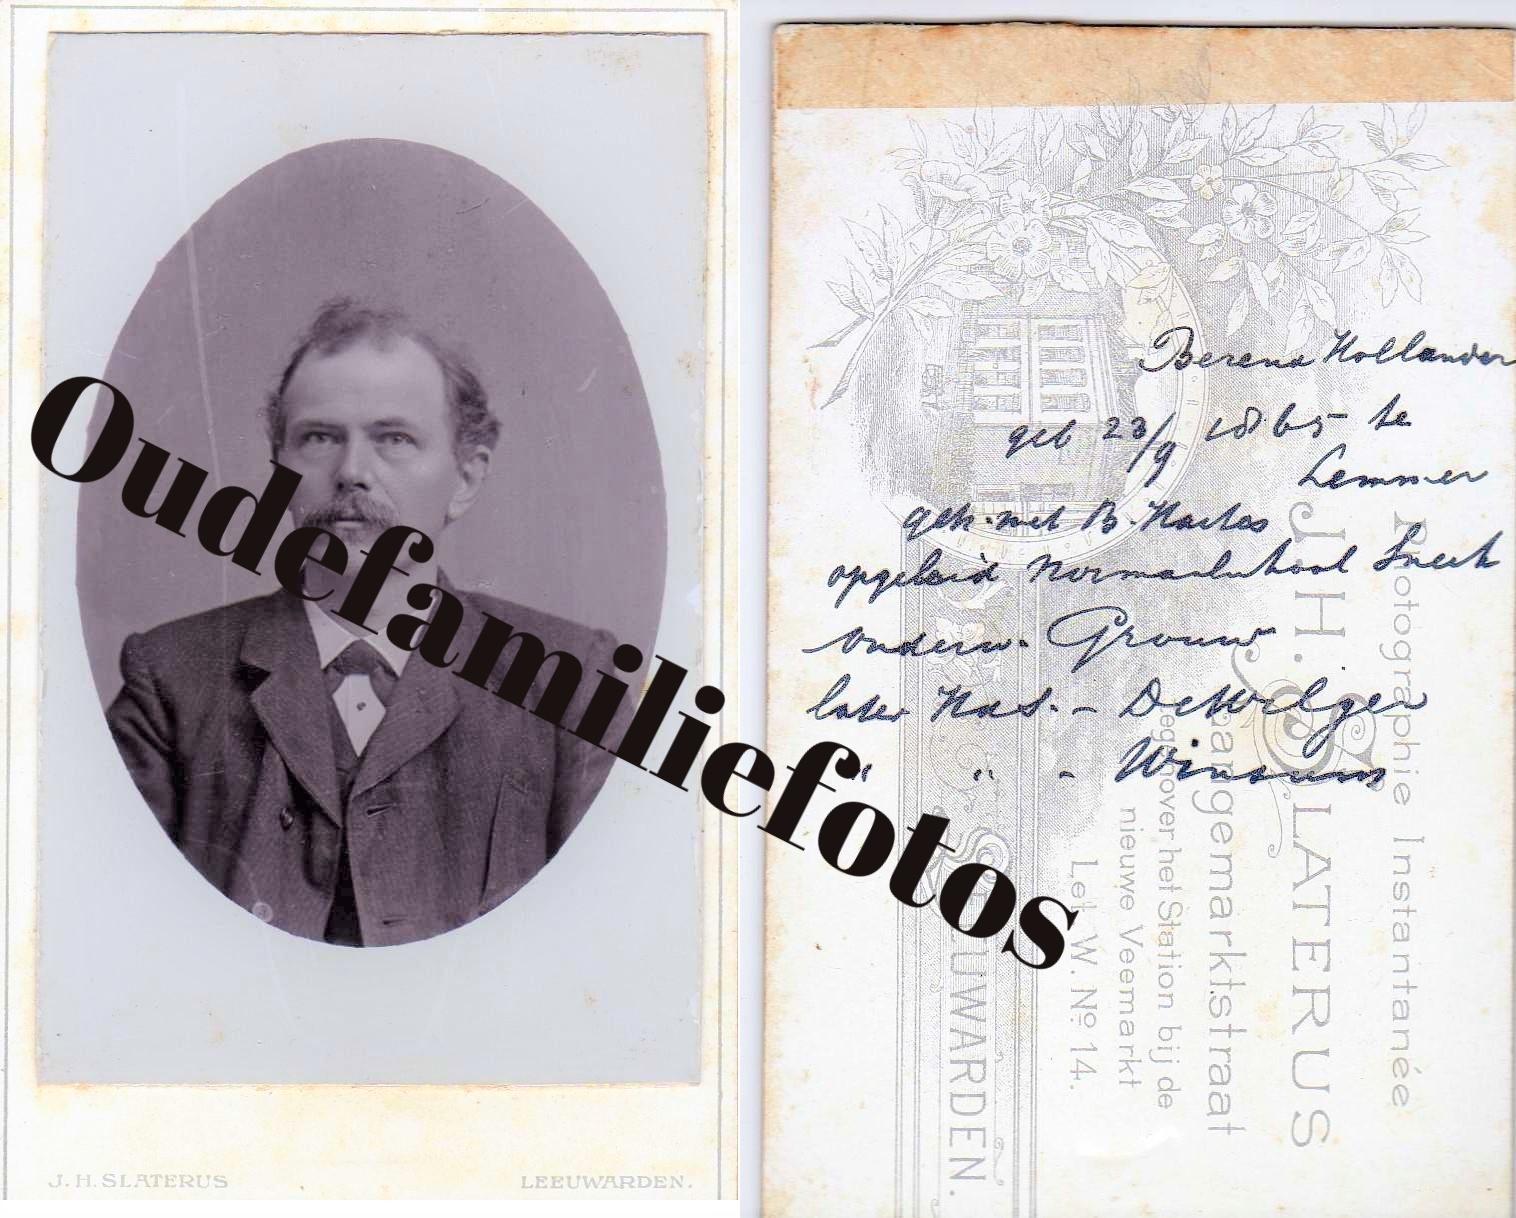 Hollander, Berend geb. 23-9-1865 Lemmer. gertouwd met Boukje Haites. € 3,00